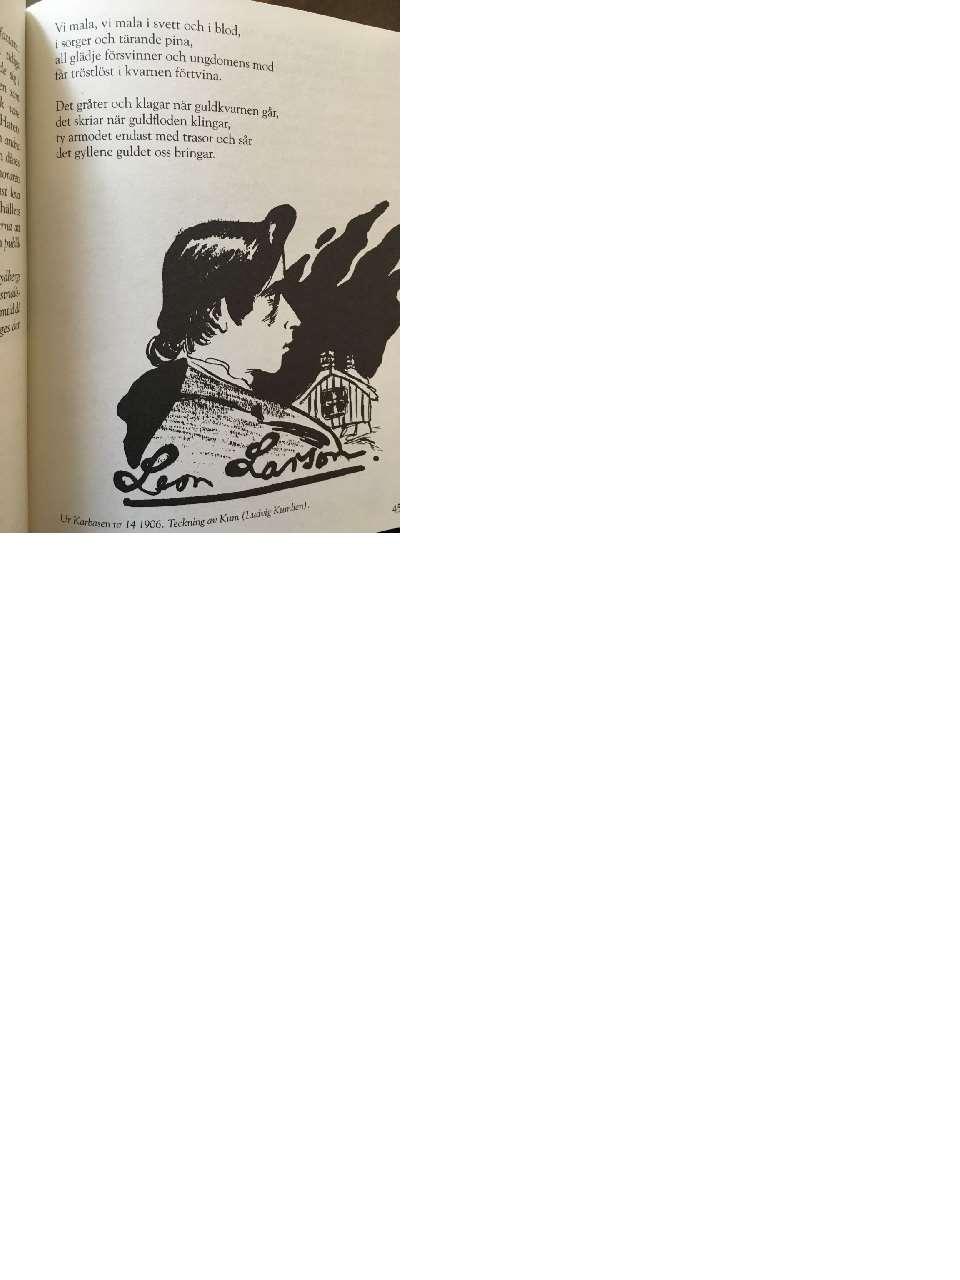 Utdrag ur diktbok med dikt och porträtt av Leon Larsson.